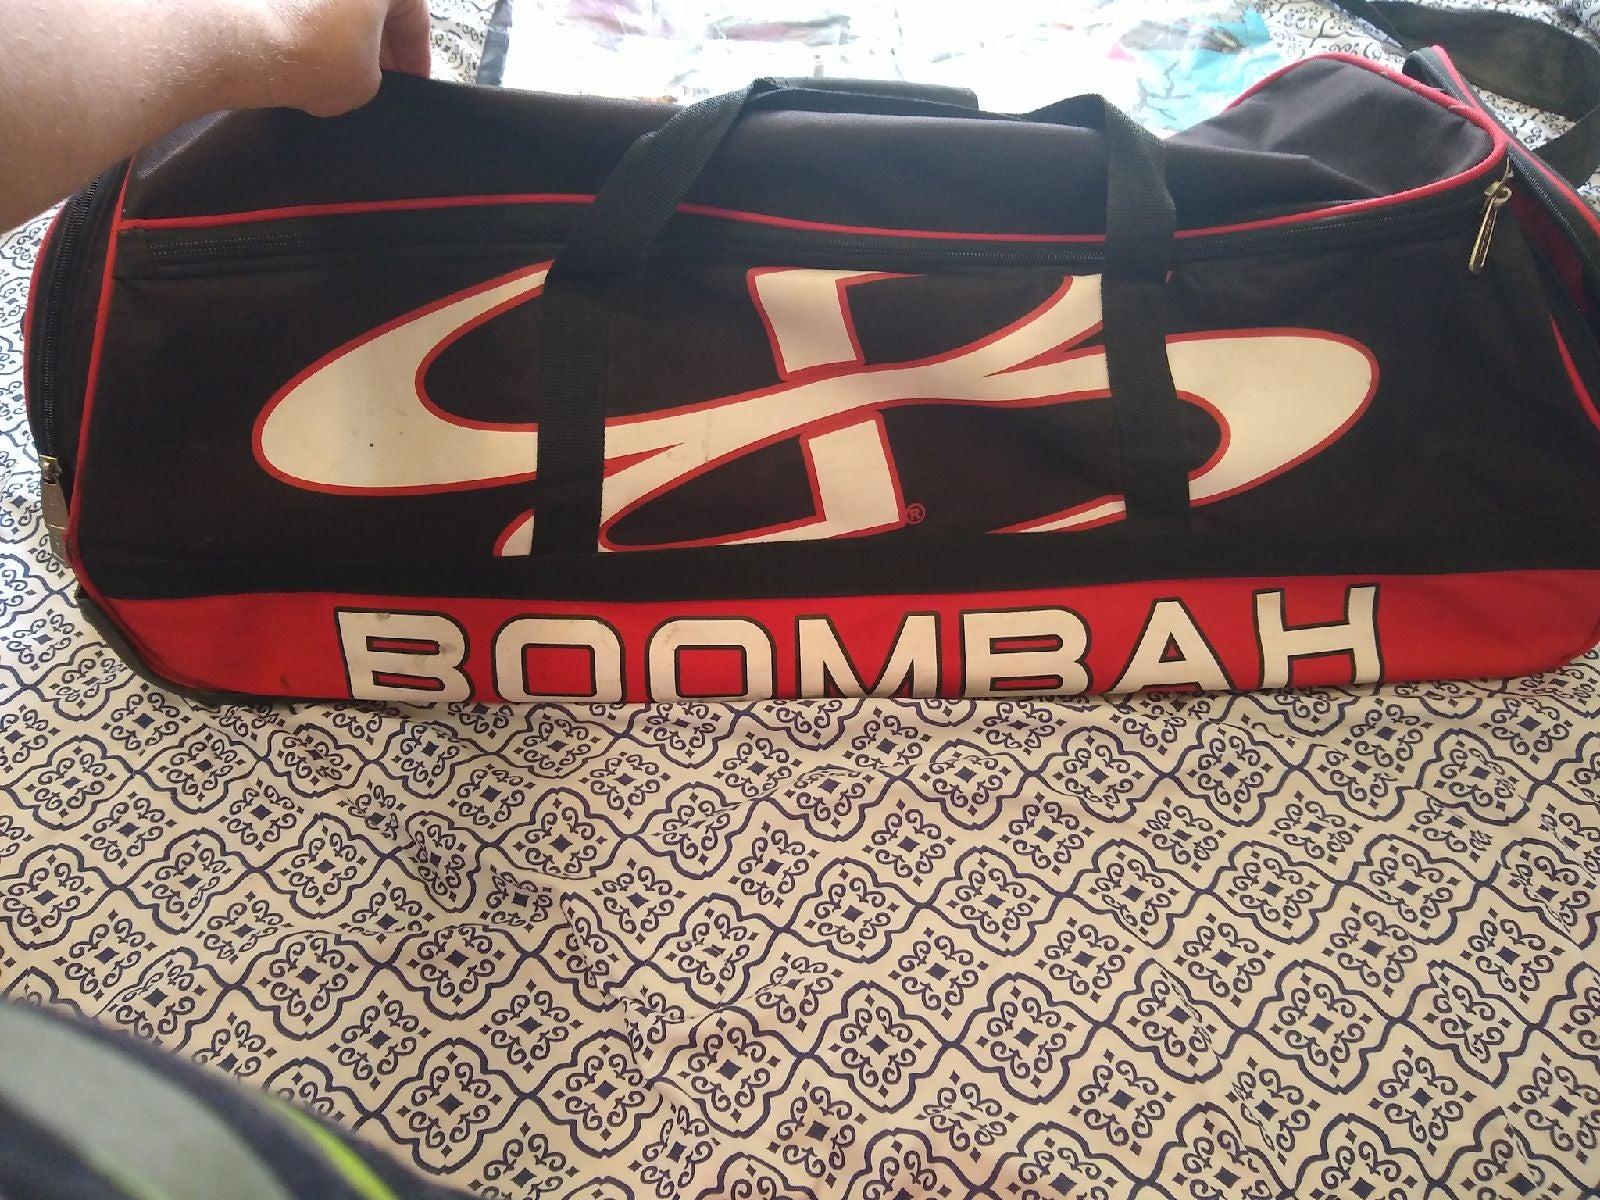 Boombah softball bag